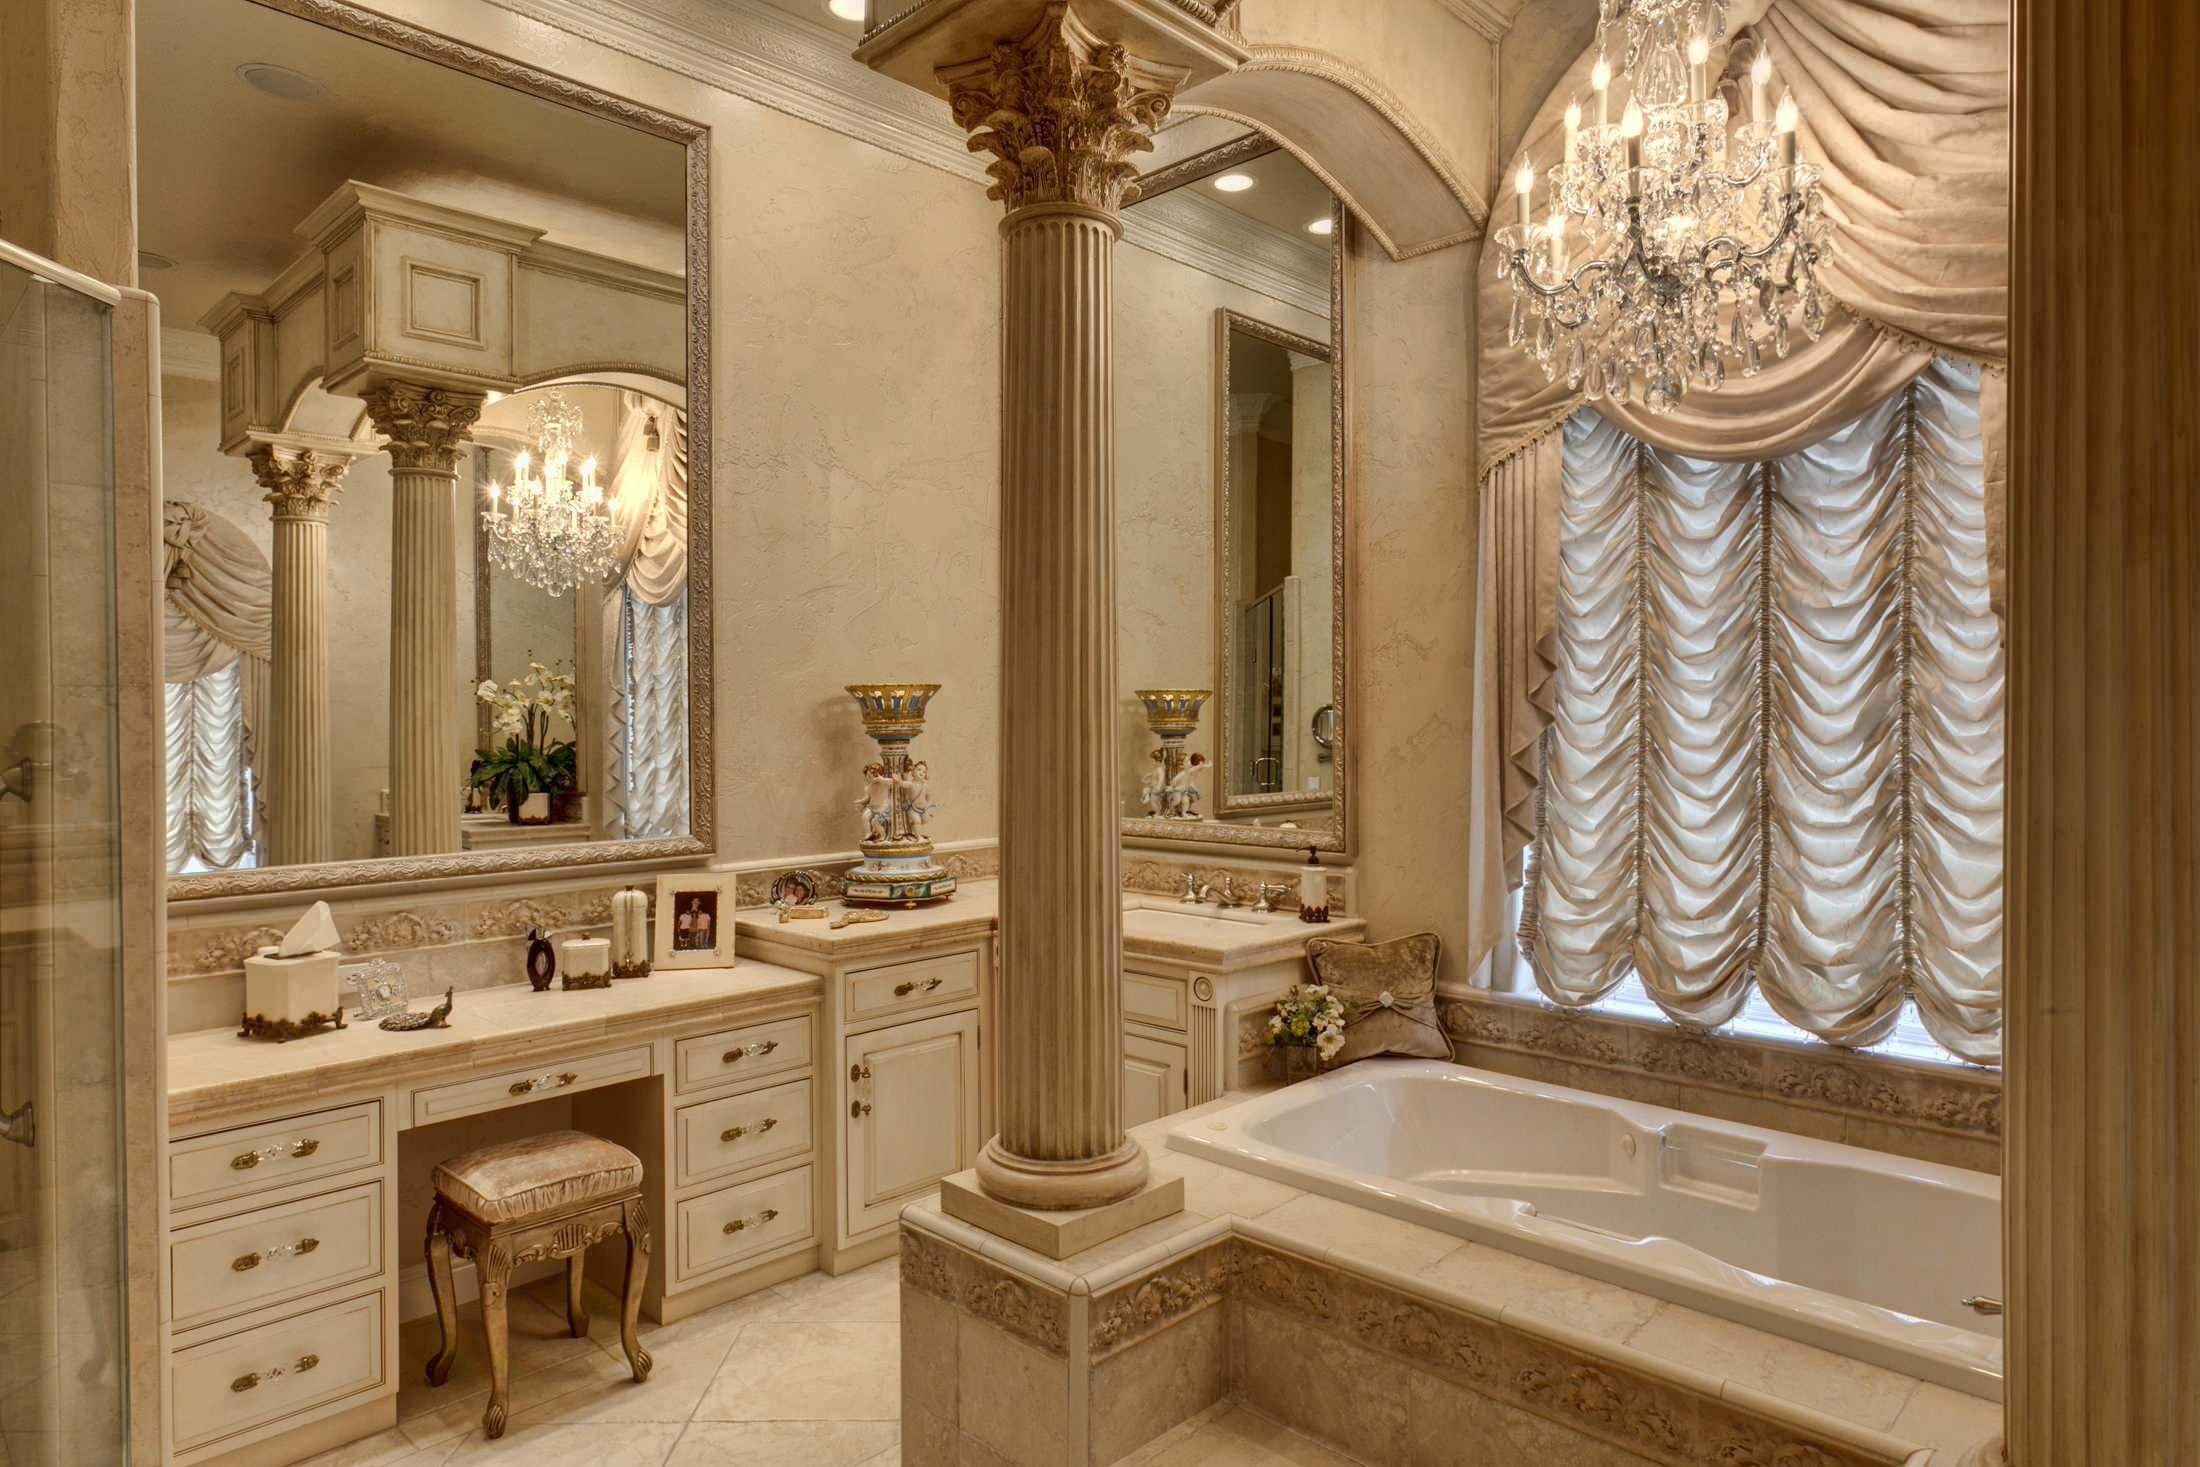 Удачное применение французских штор в ванной, оформленной в духе классической роскоши. Здесь они менее всего нуждаются в подъемном механизме